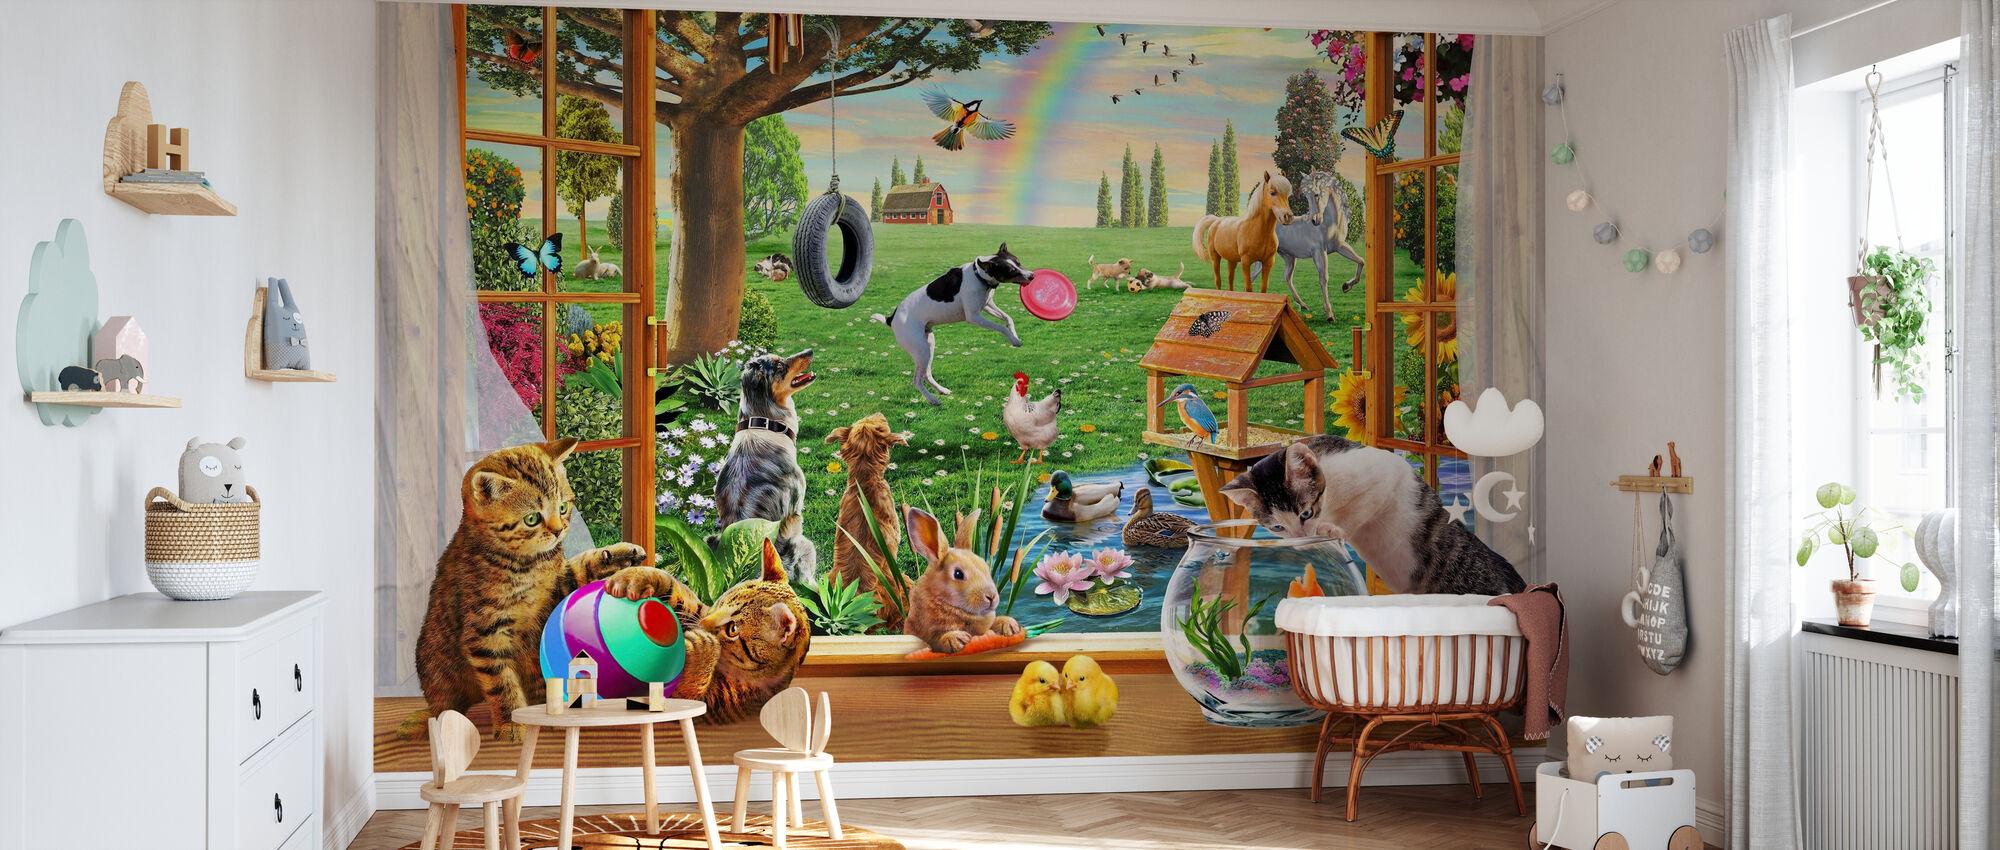 Husdjur i trädgården - Tapet - Babyrum